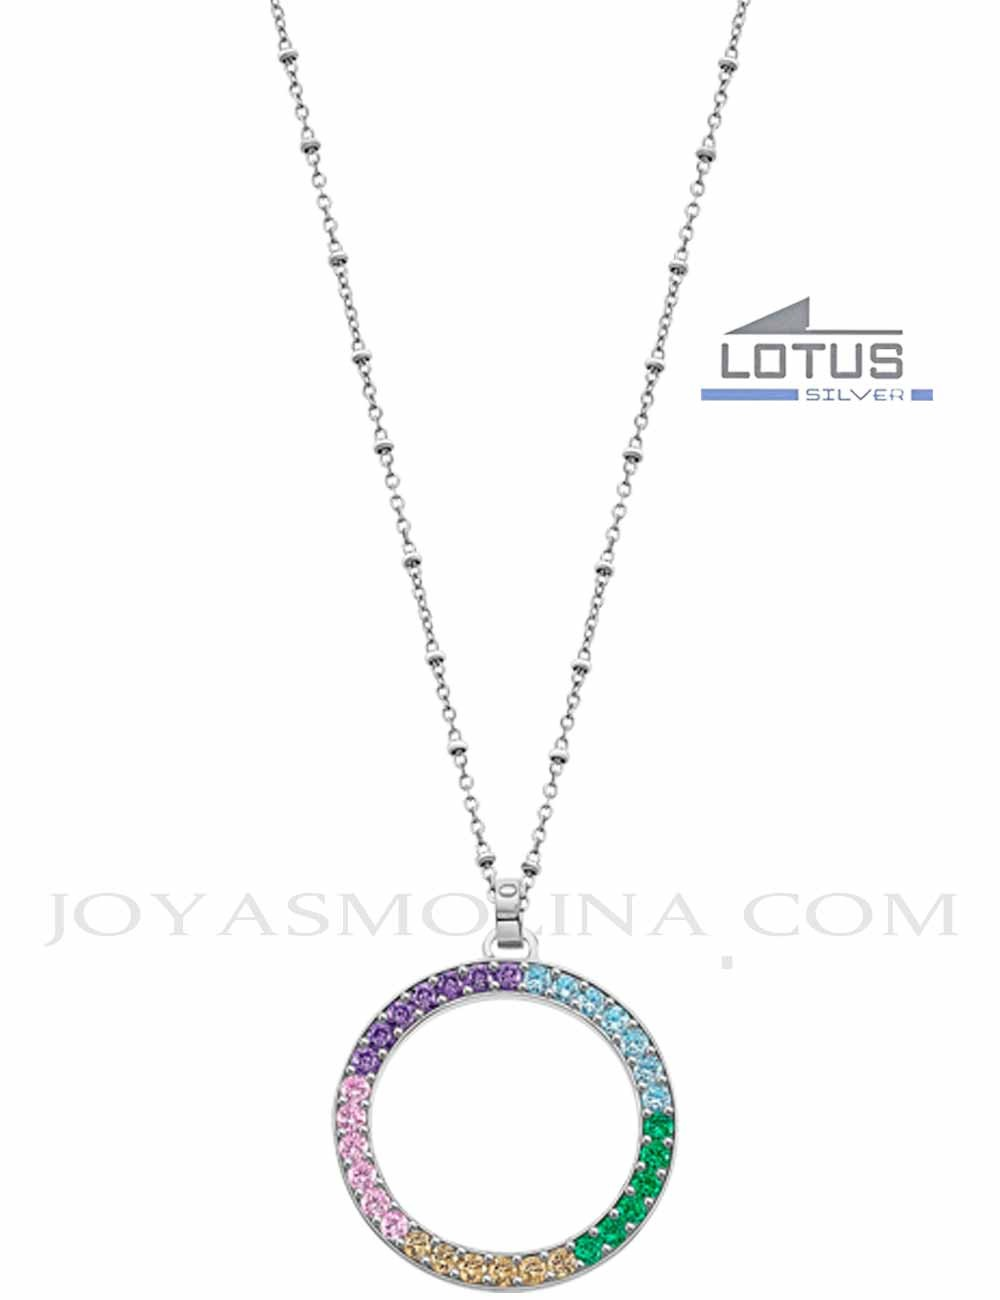 Gargantilla Lotus Silver círculo piedras colores LP1963-1-2